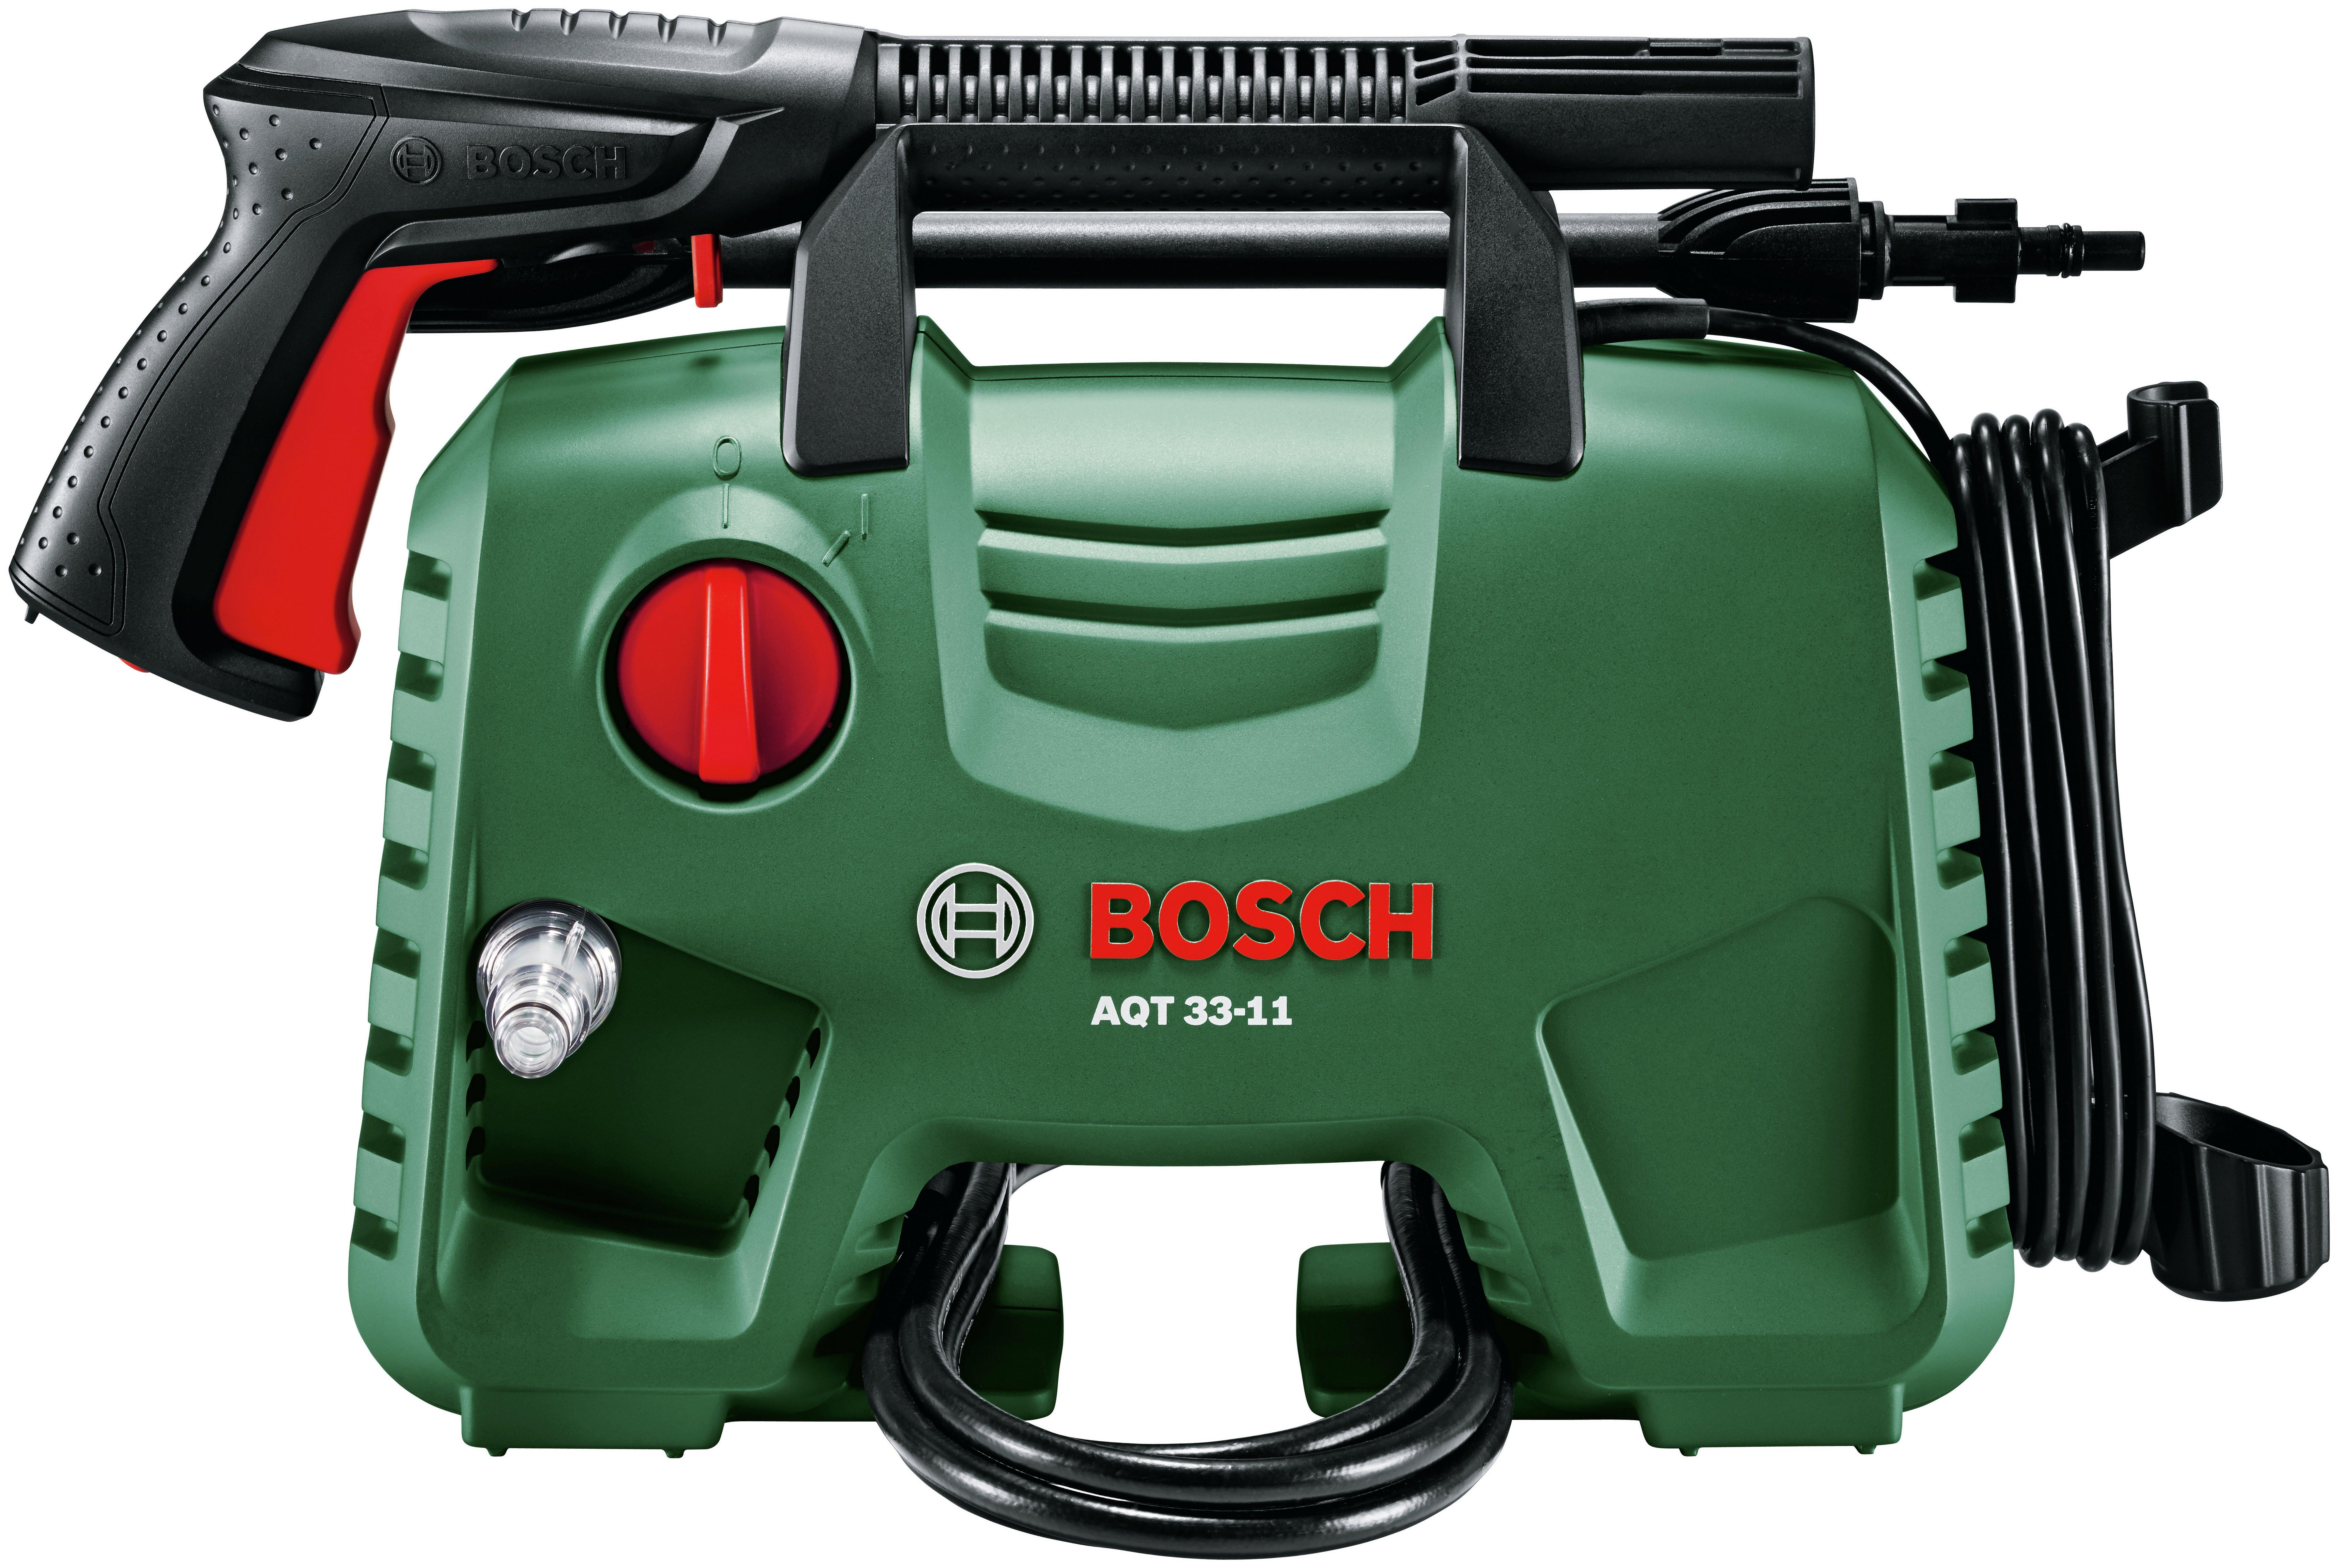 bosch-aqt-33-11p-pressure-washer-1300w